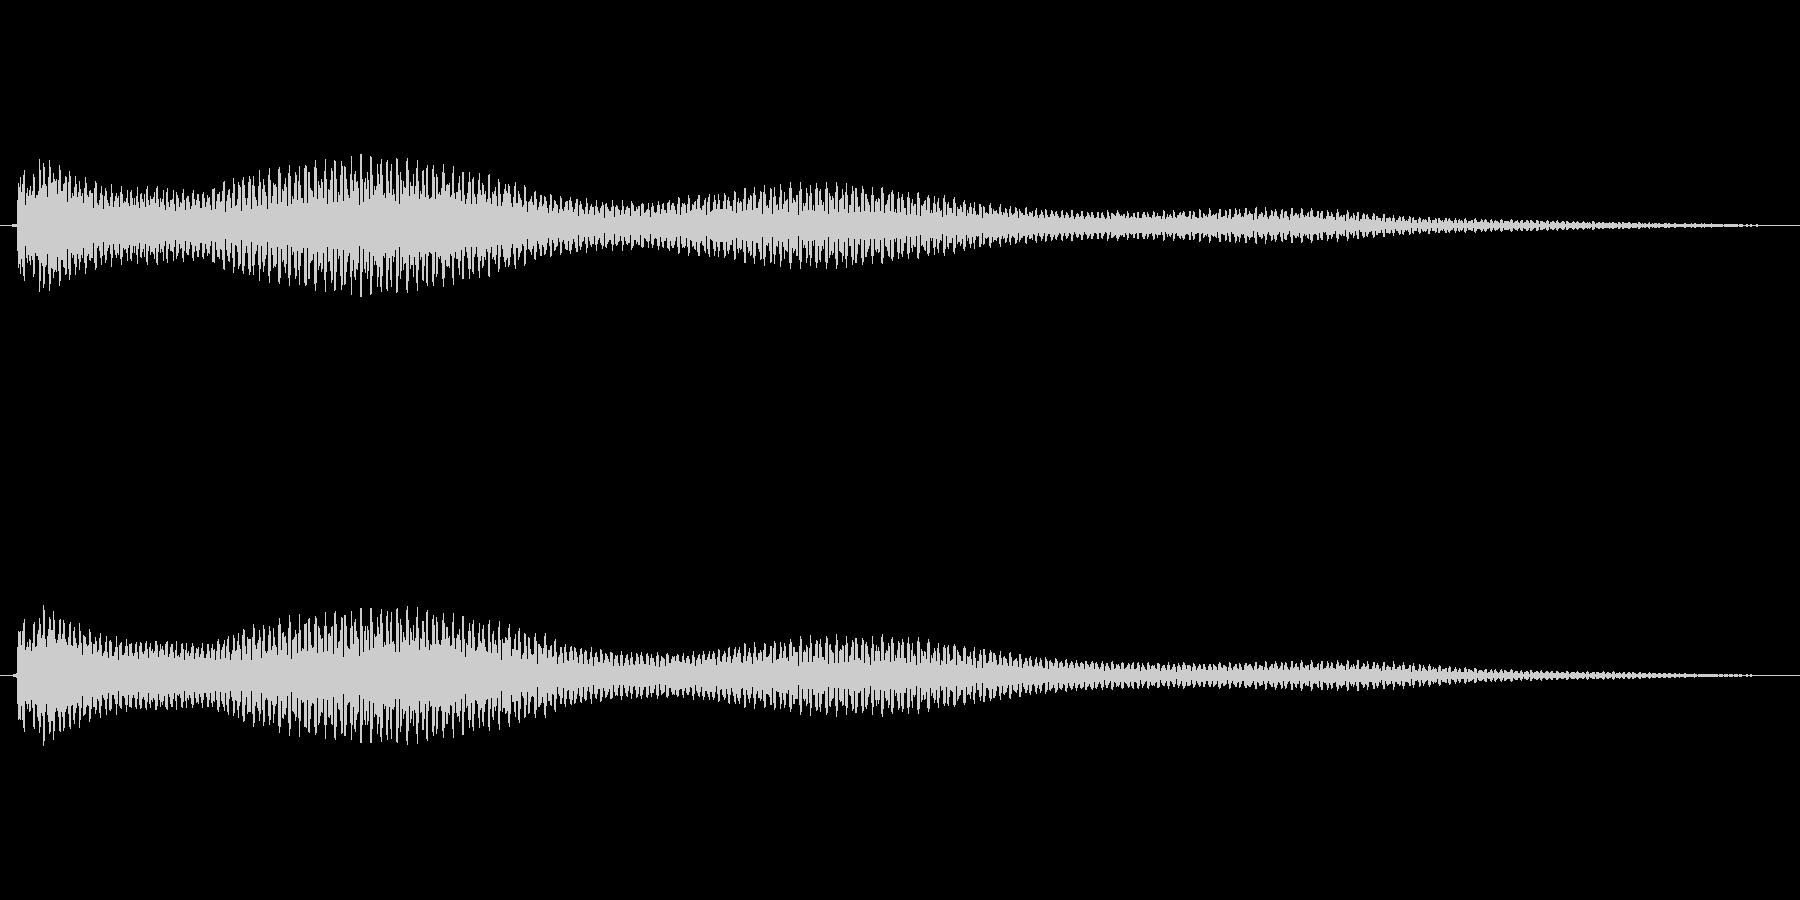 キラキラ系_102の未再生の波形